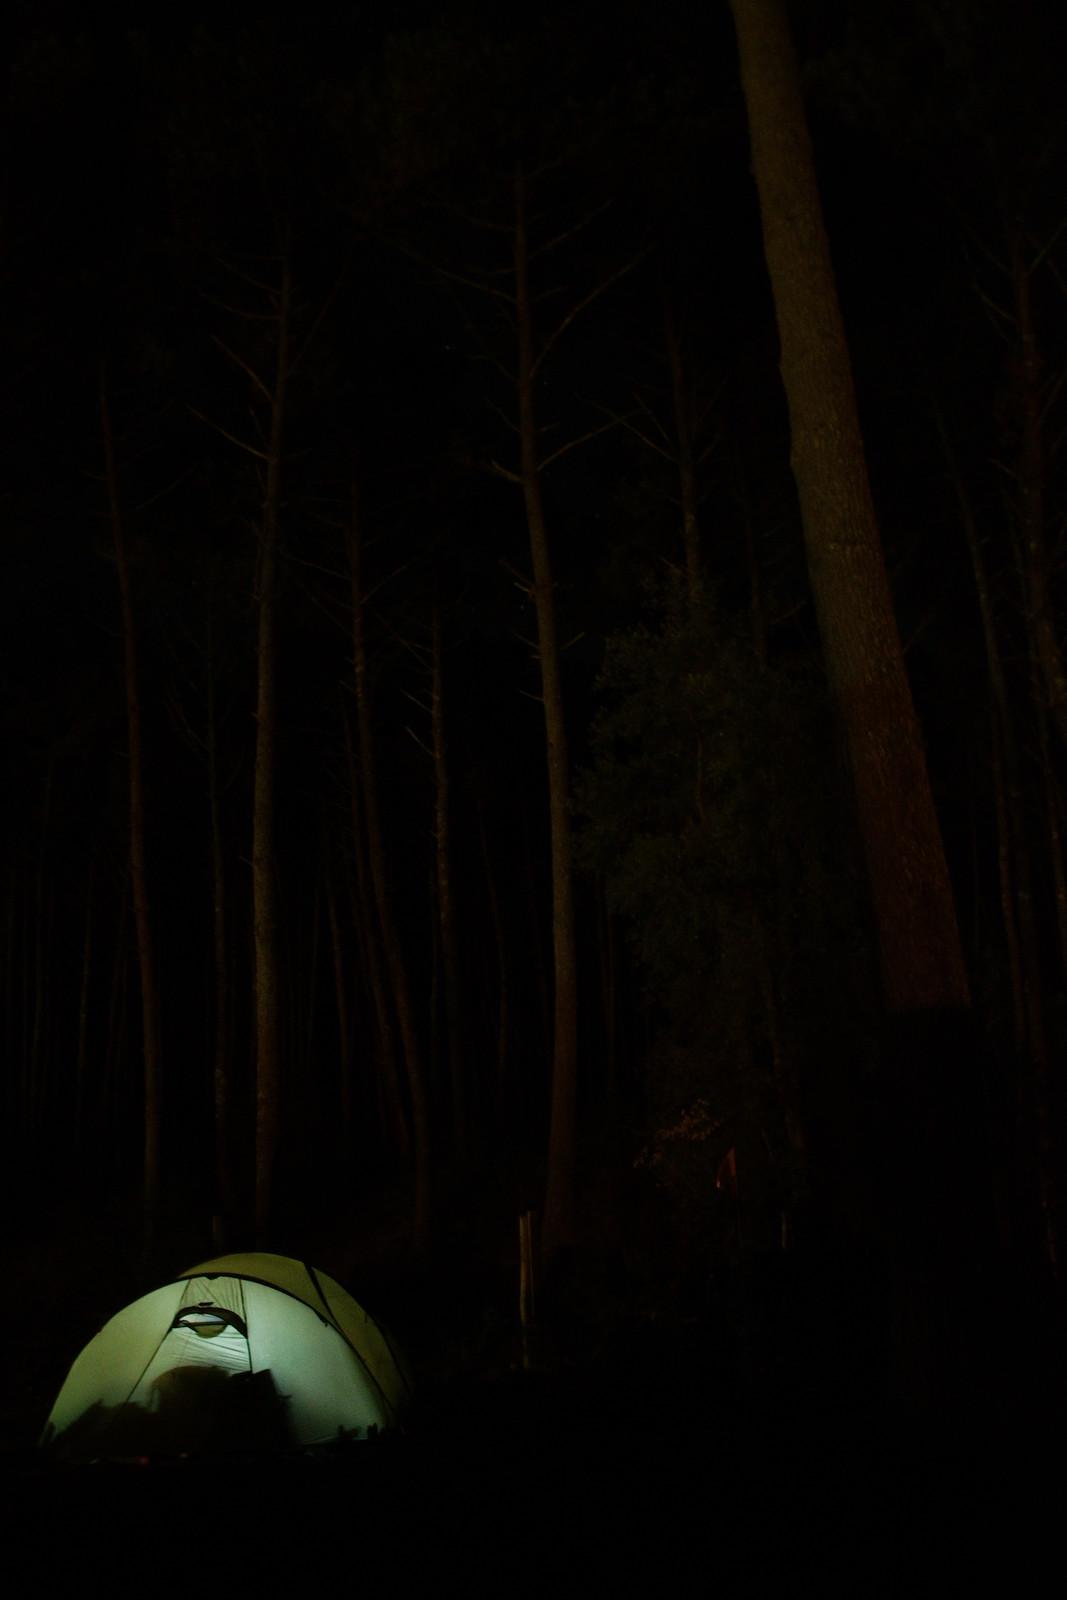 Une nuit au pied des pins